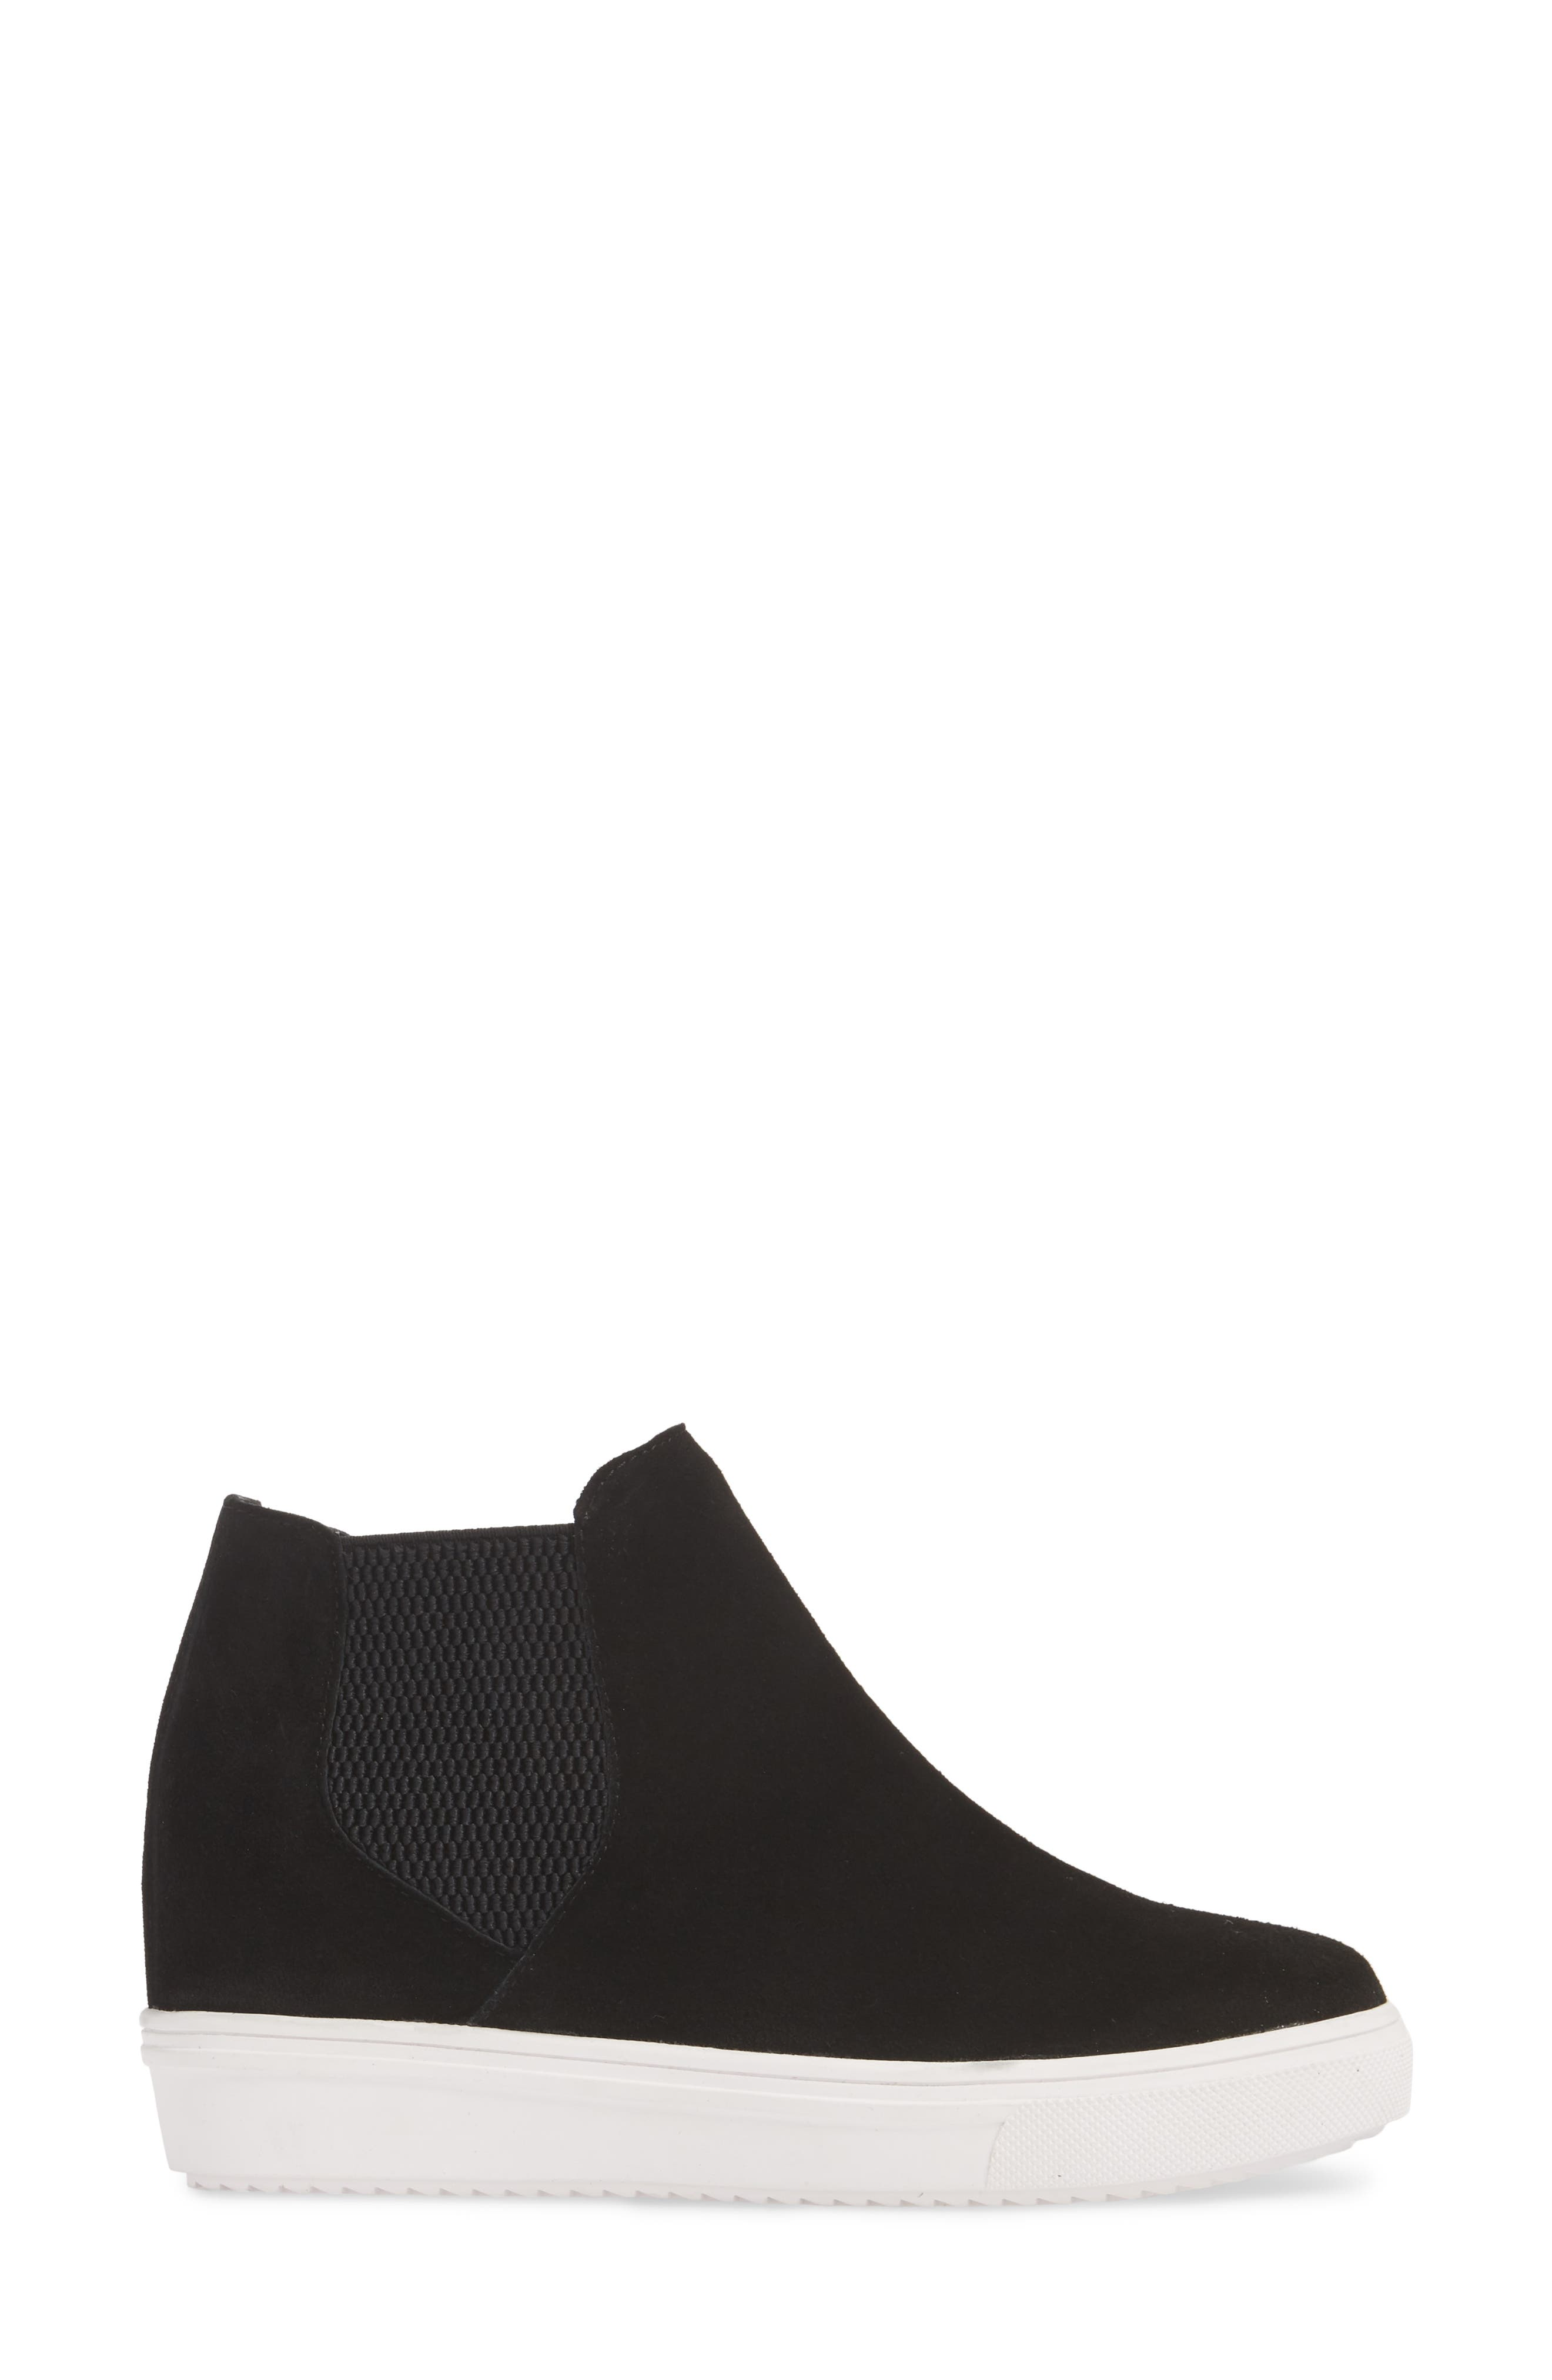 Sultan Chelsea Wedge Sneaker,                             Alternate thumbnail 3, color,                             BLACK SUEDE